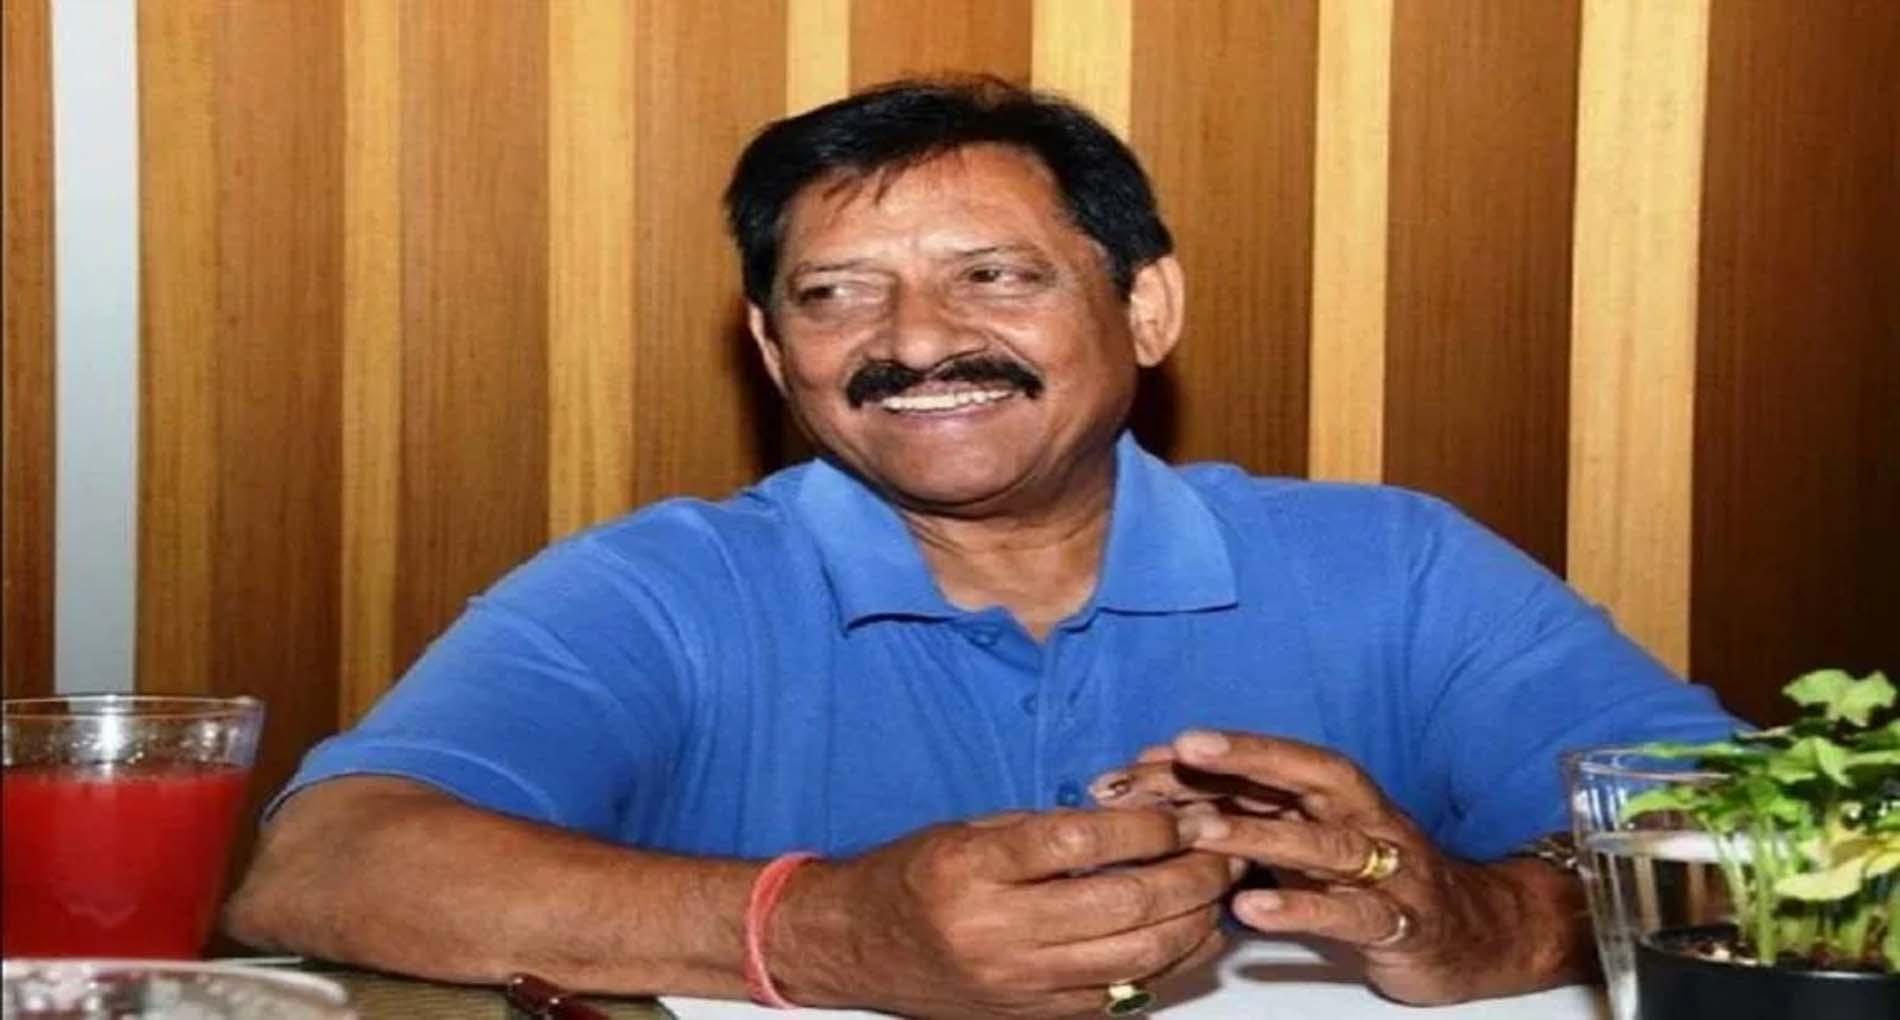 पूर्व क्रिकेटर और यूपी के कैबिनेट मंत्री चेतन चौहान का 73 साल की उम्र में निधन